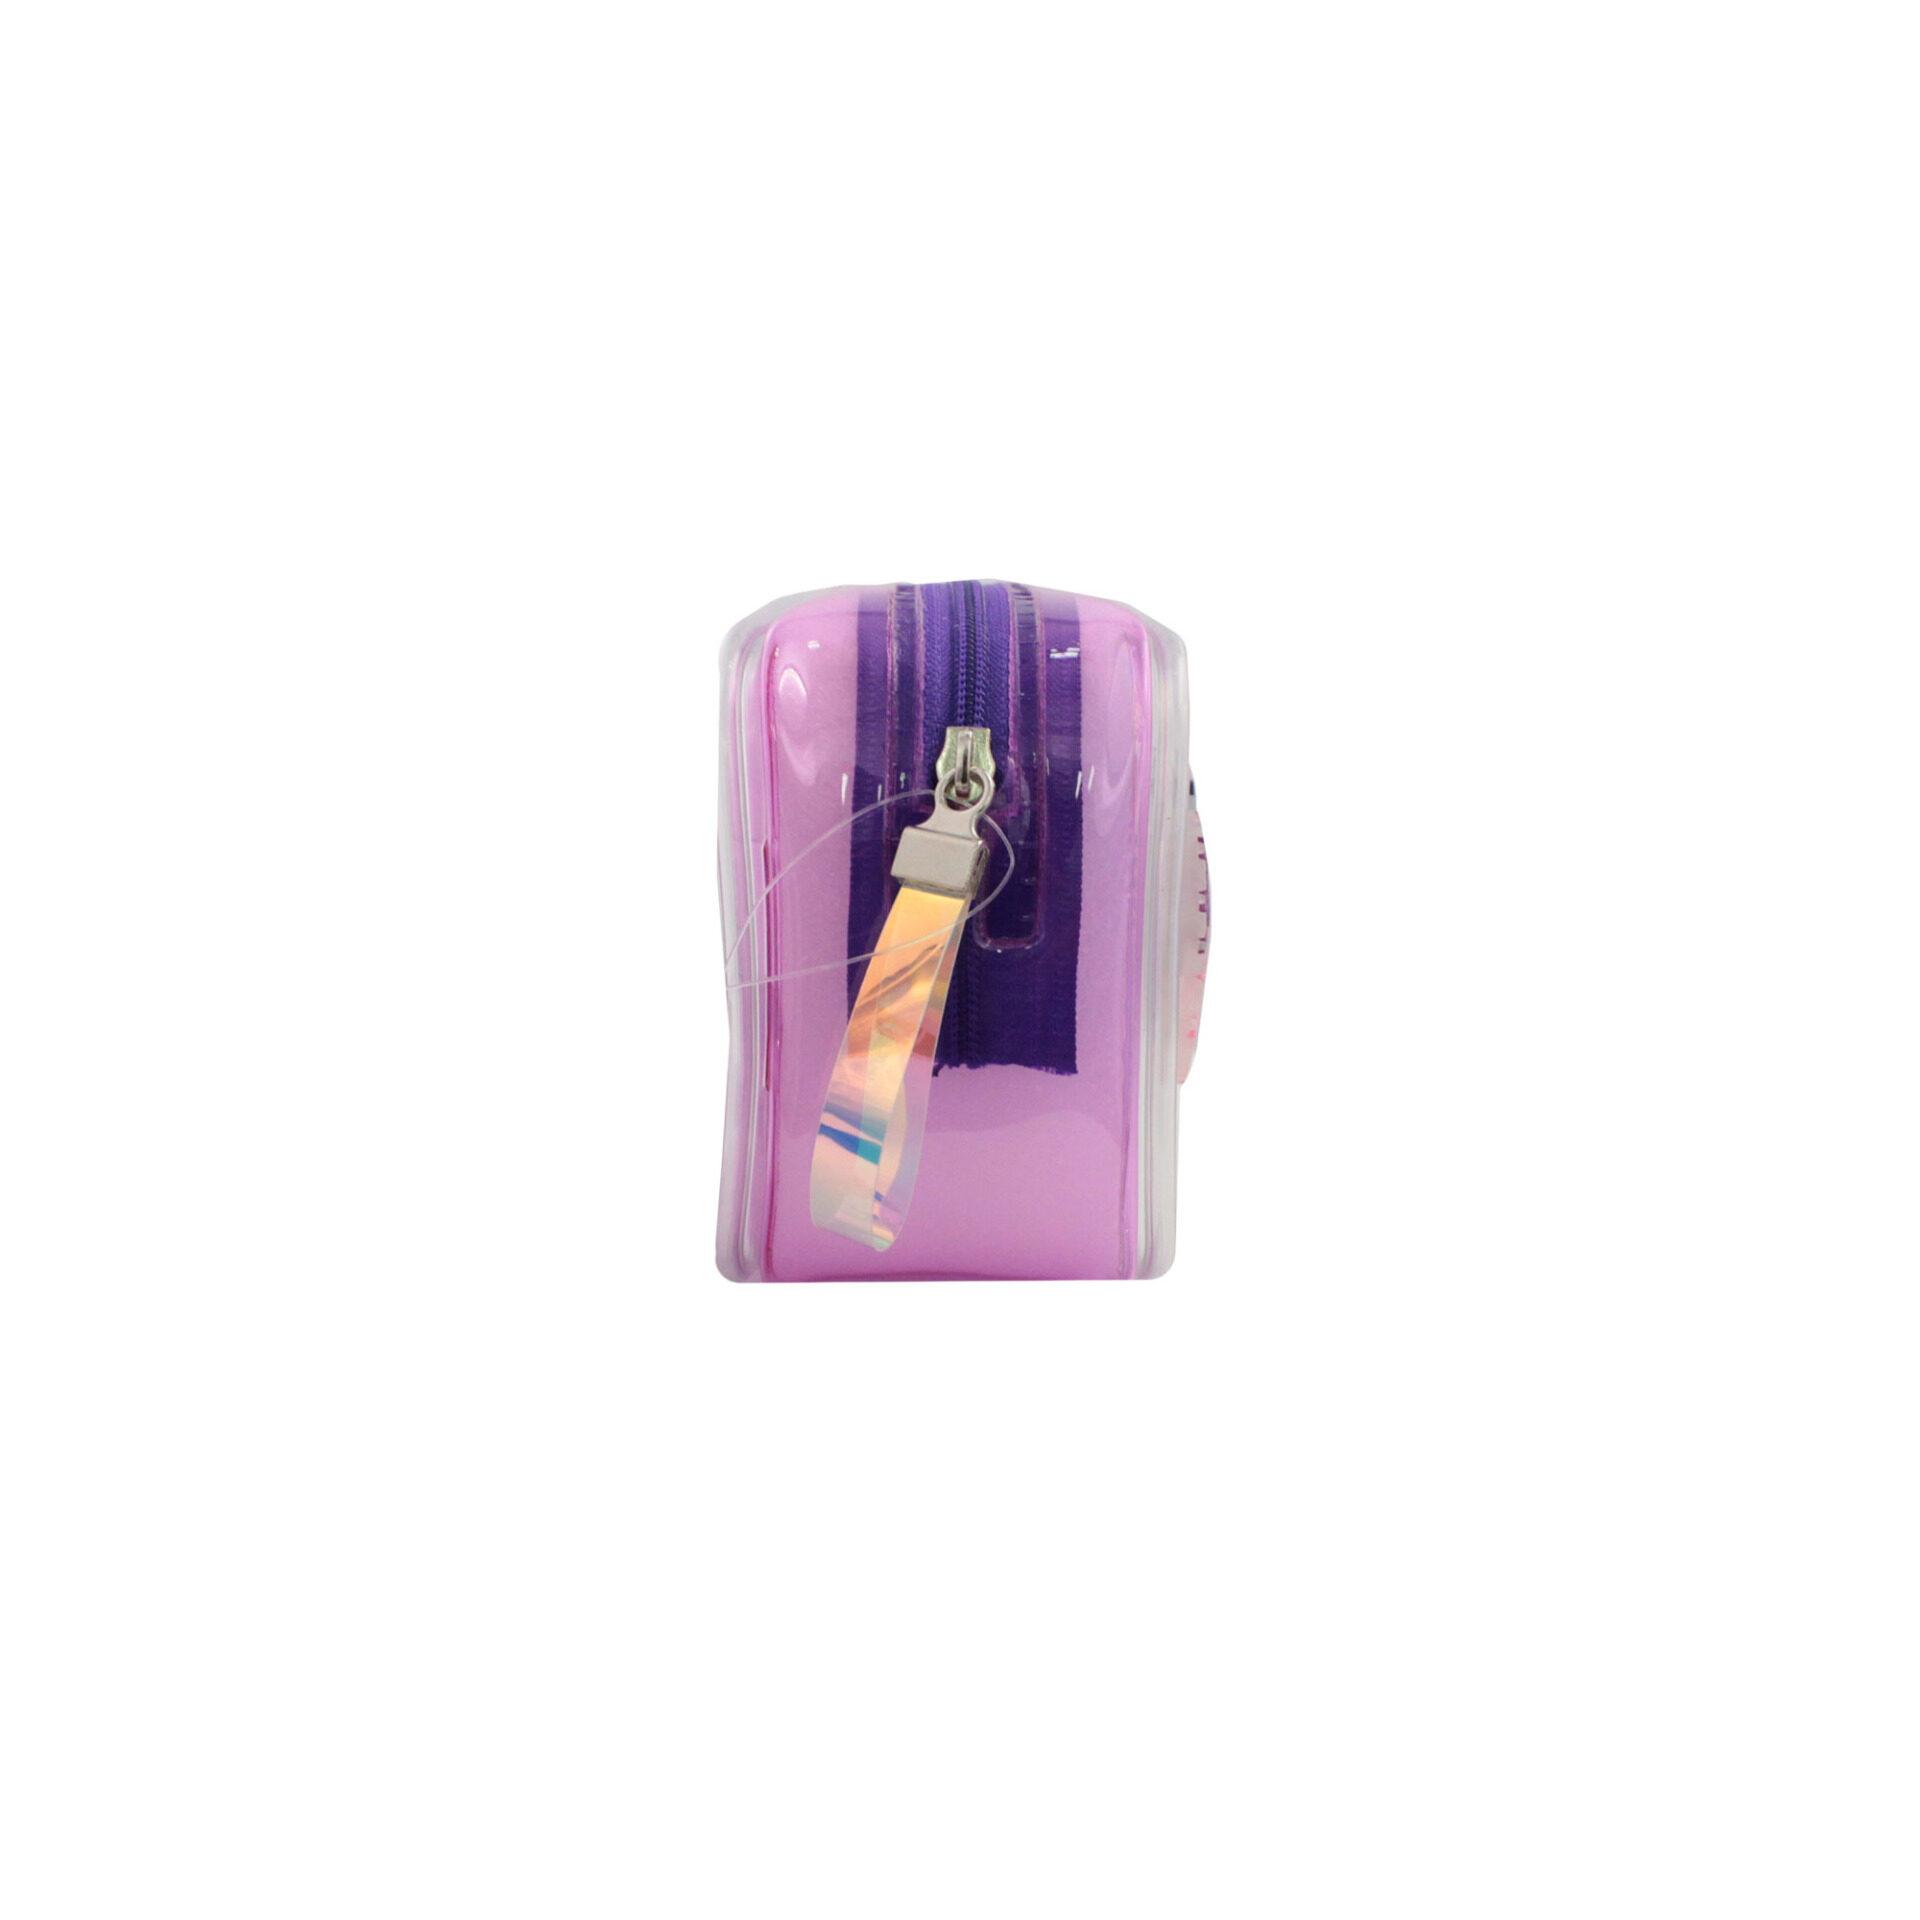 Disney Frozen 2 Princess Elsa Believe In The Journey Pencil Case With Zipper (Unicorn Colour)